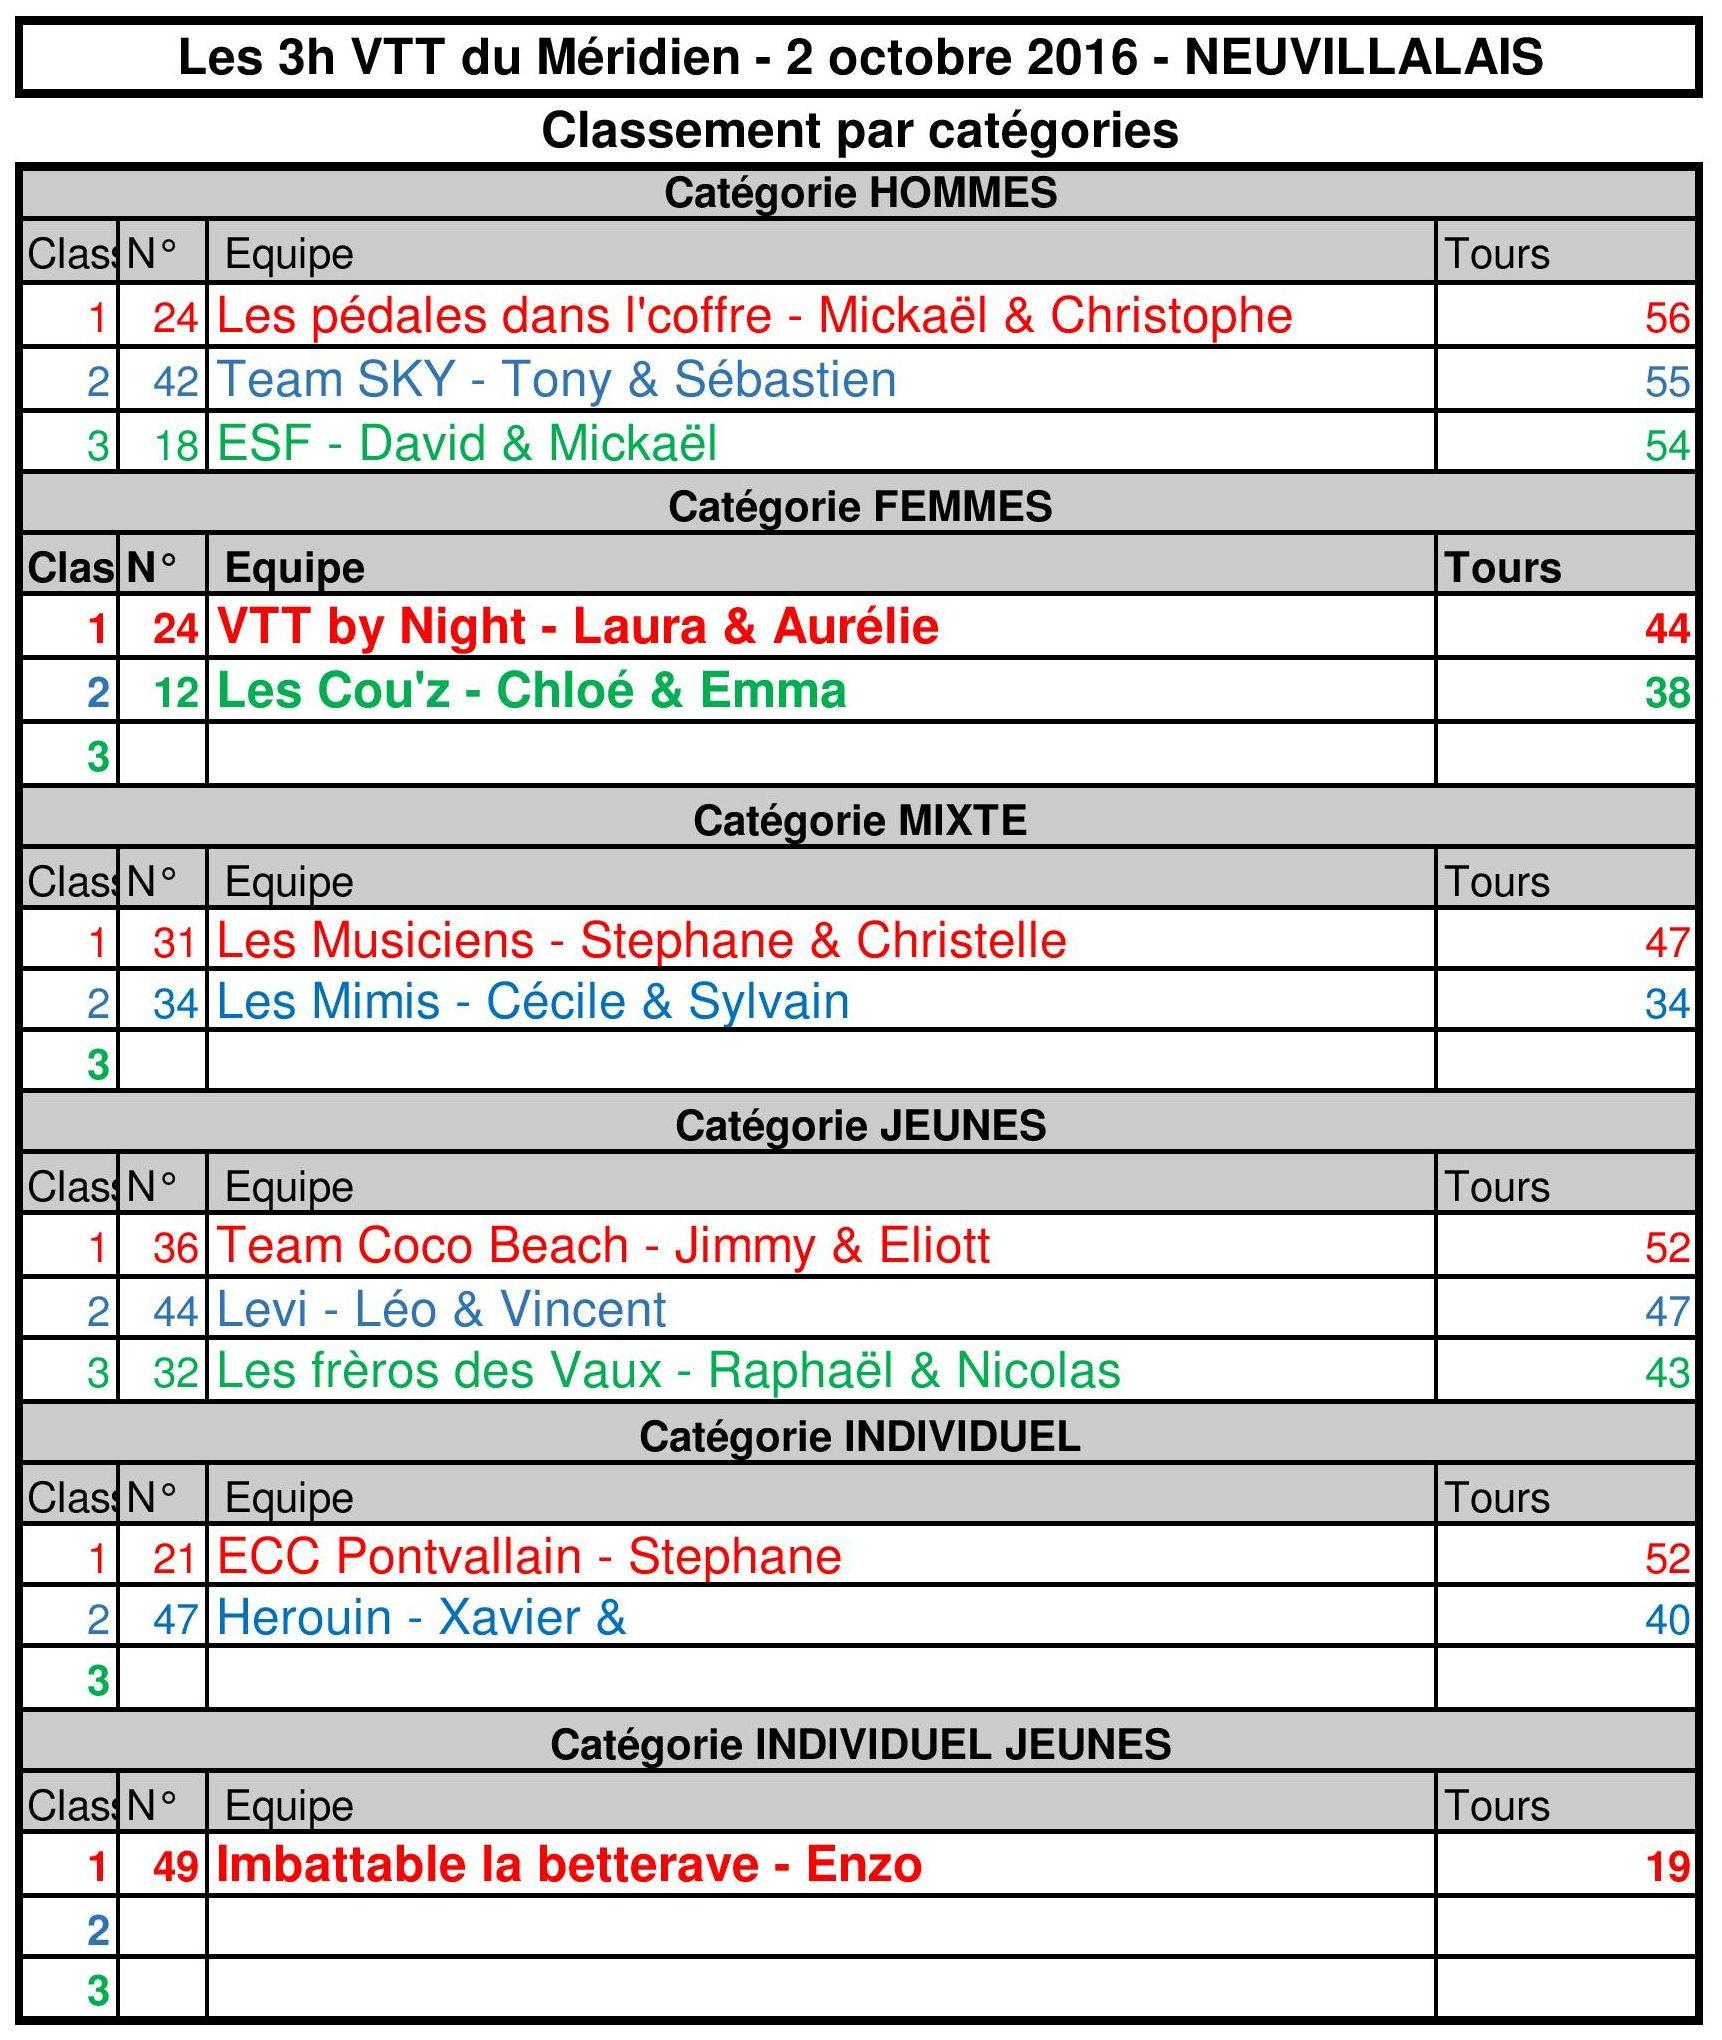 Classement_par_Categories_3h_VTT_Méridien_20162.jpg